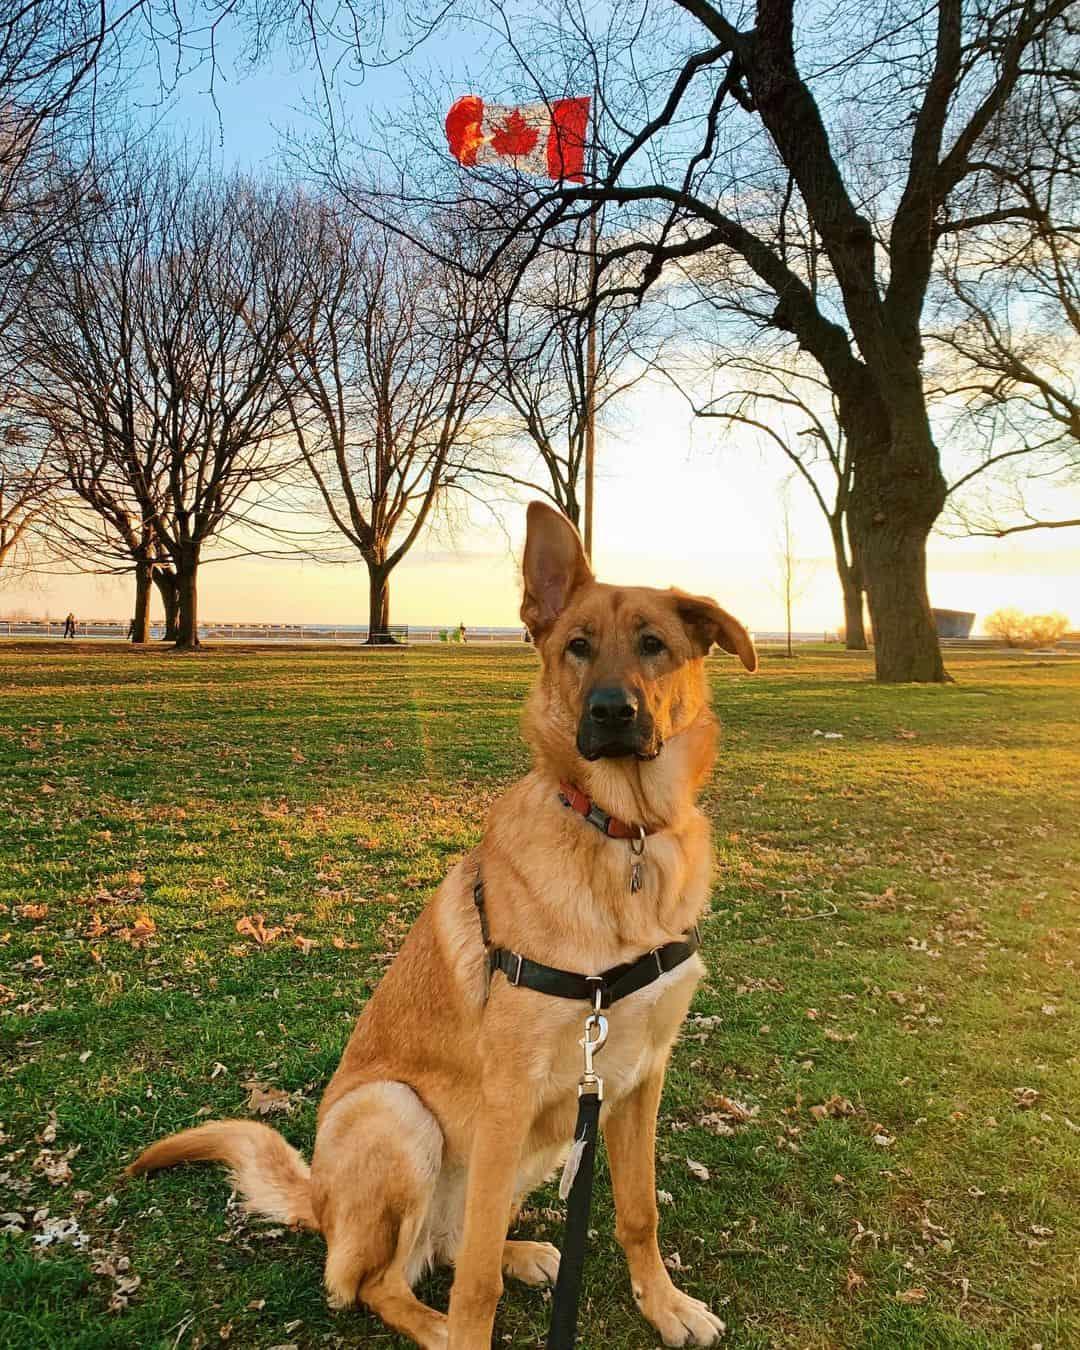 Golden Shepherd dog sitting on the grass